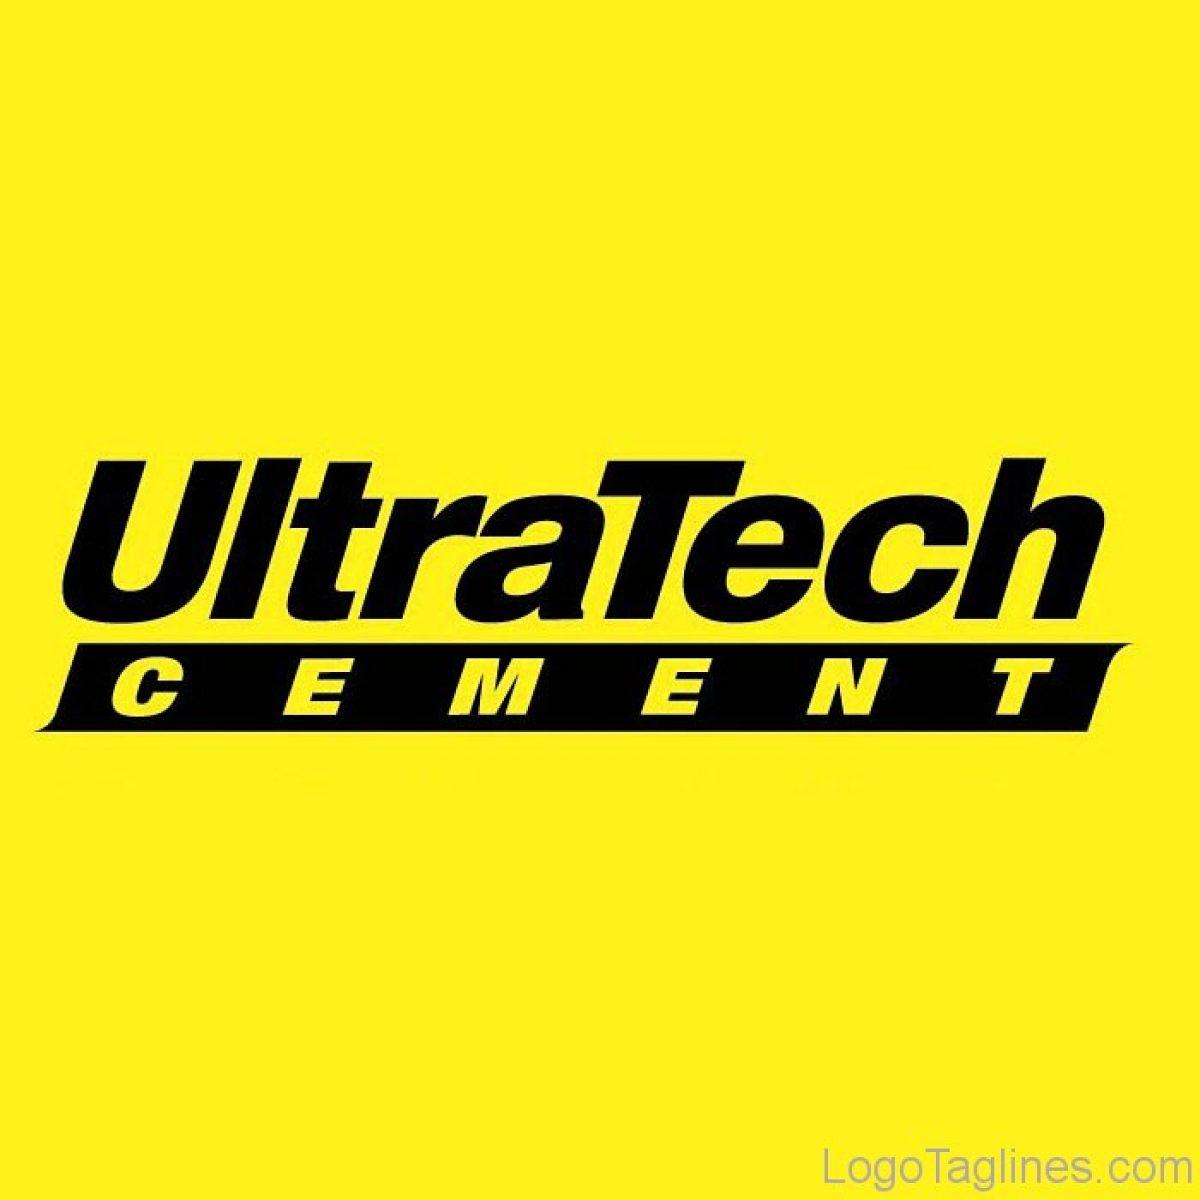 UltraTech Cement Logo 1200x1200 1